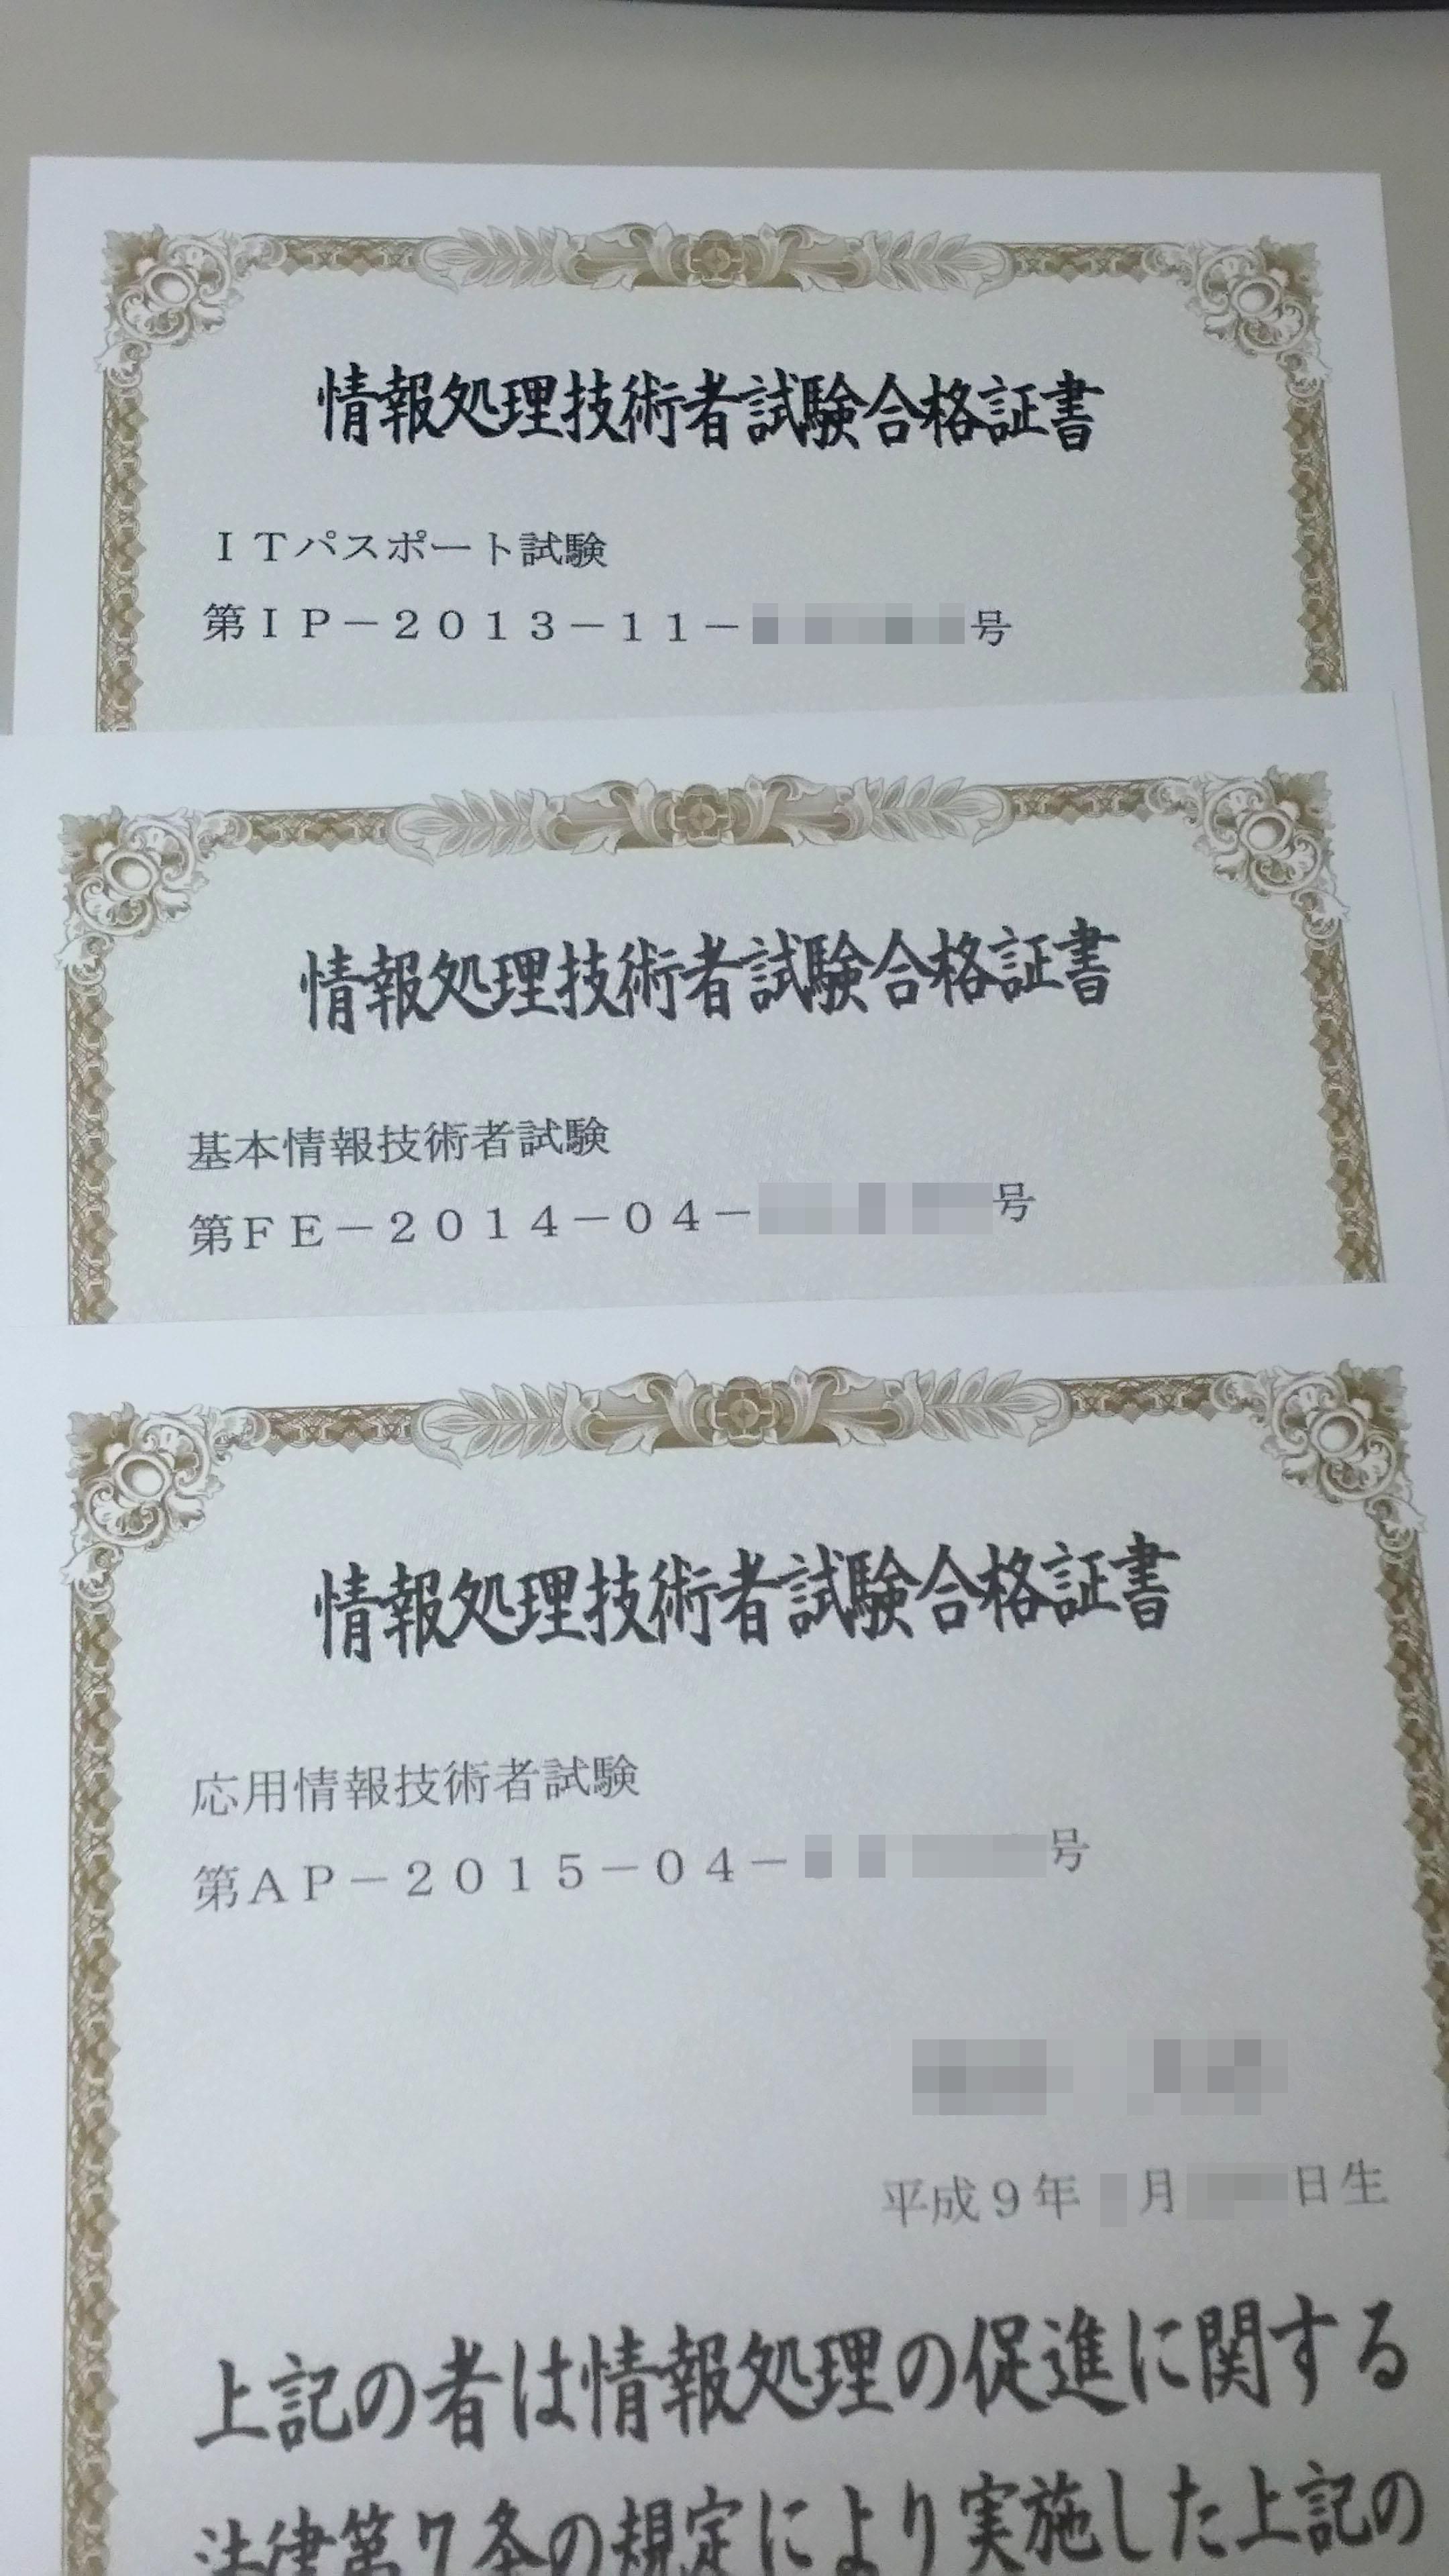 【Not 情報系】電気科の高専生が応用情報技術者試験に合格しました。